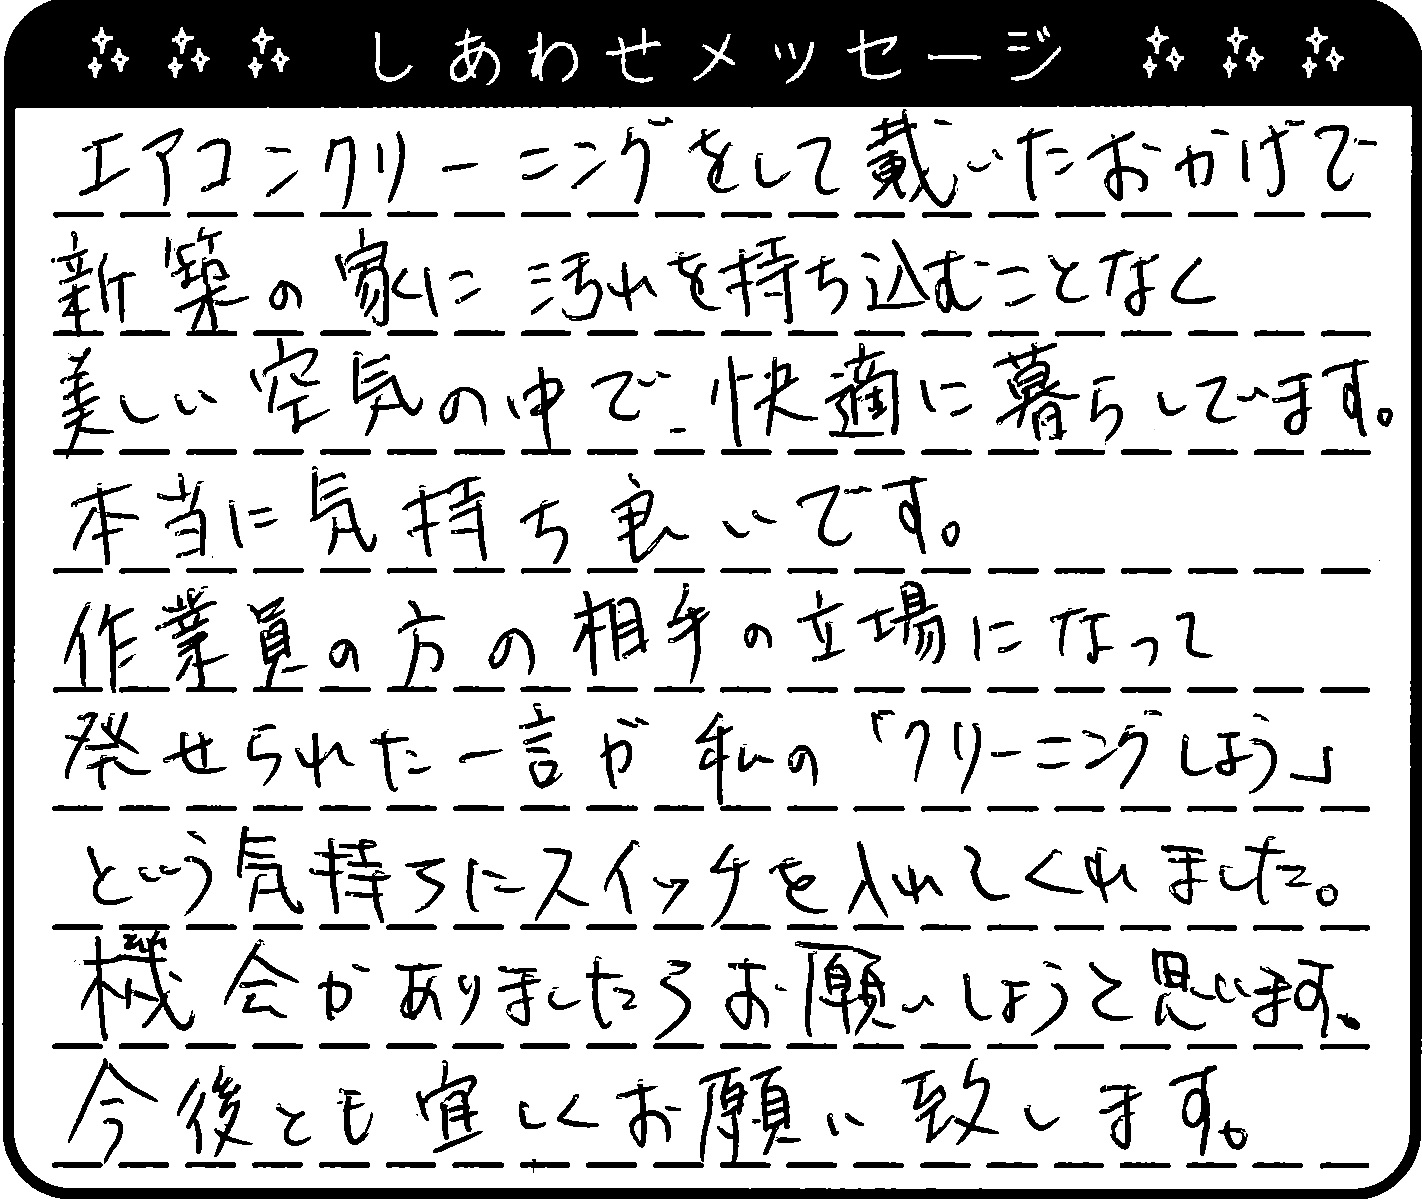 東京都 F様からのしあわせメッセージ